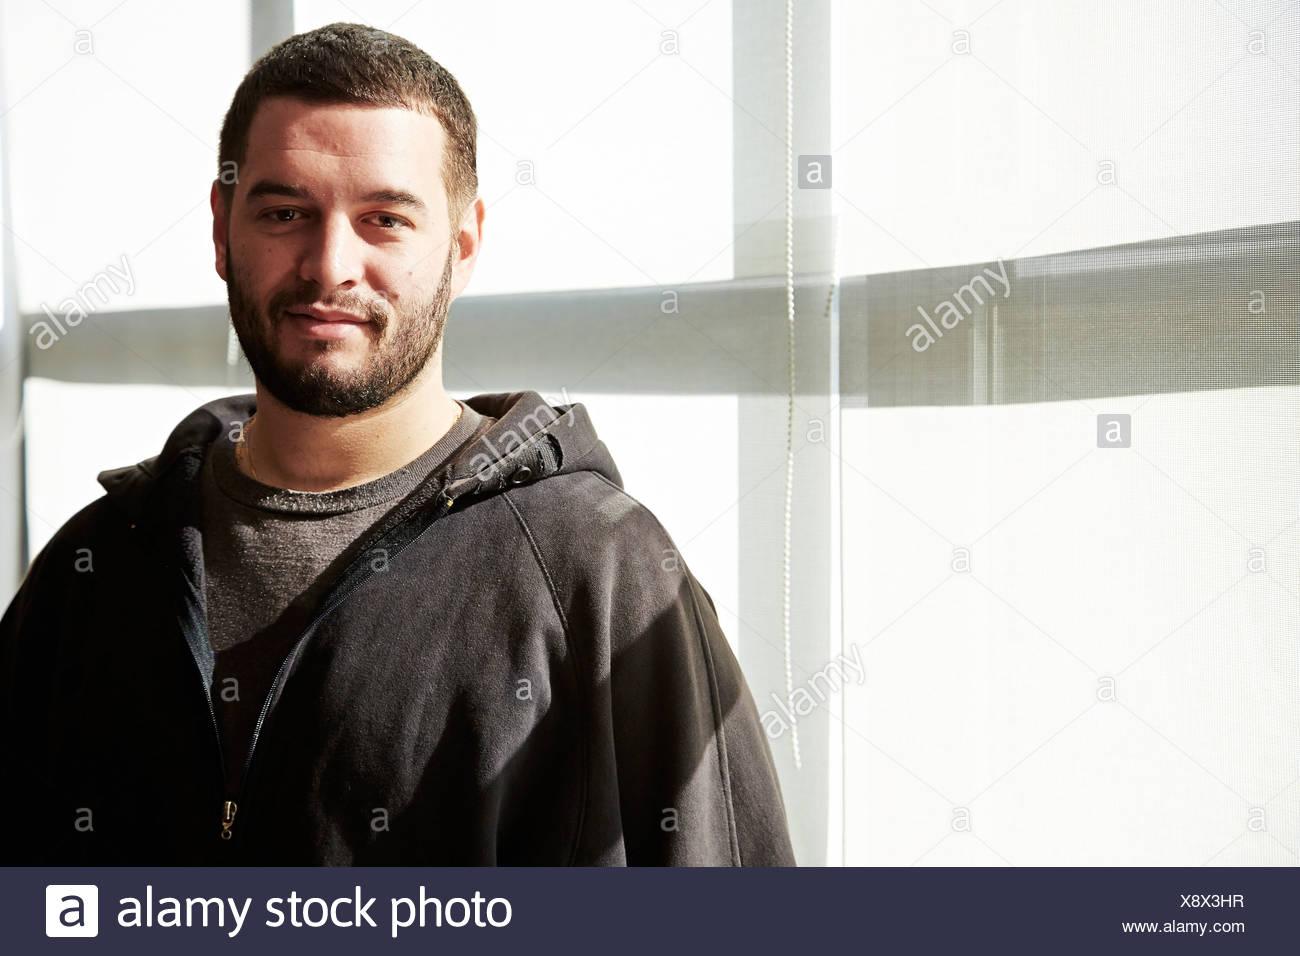 Retrato de joven vistiendo sudadera con capucha Imagen De Stock